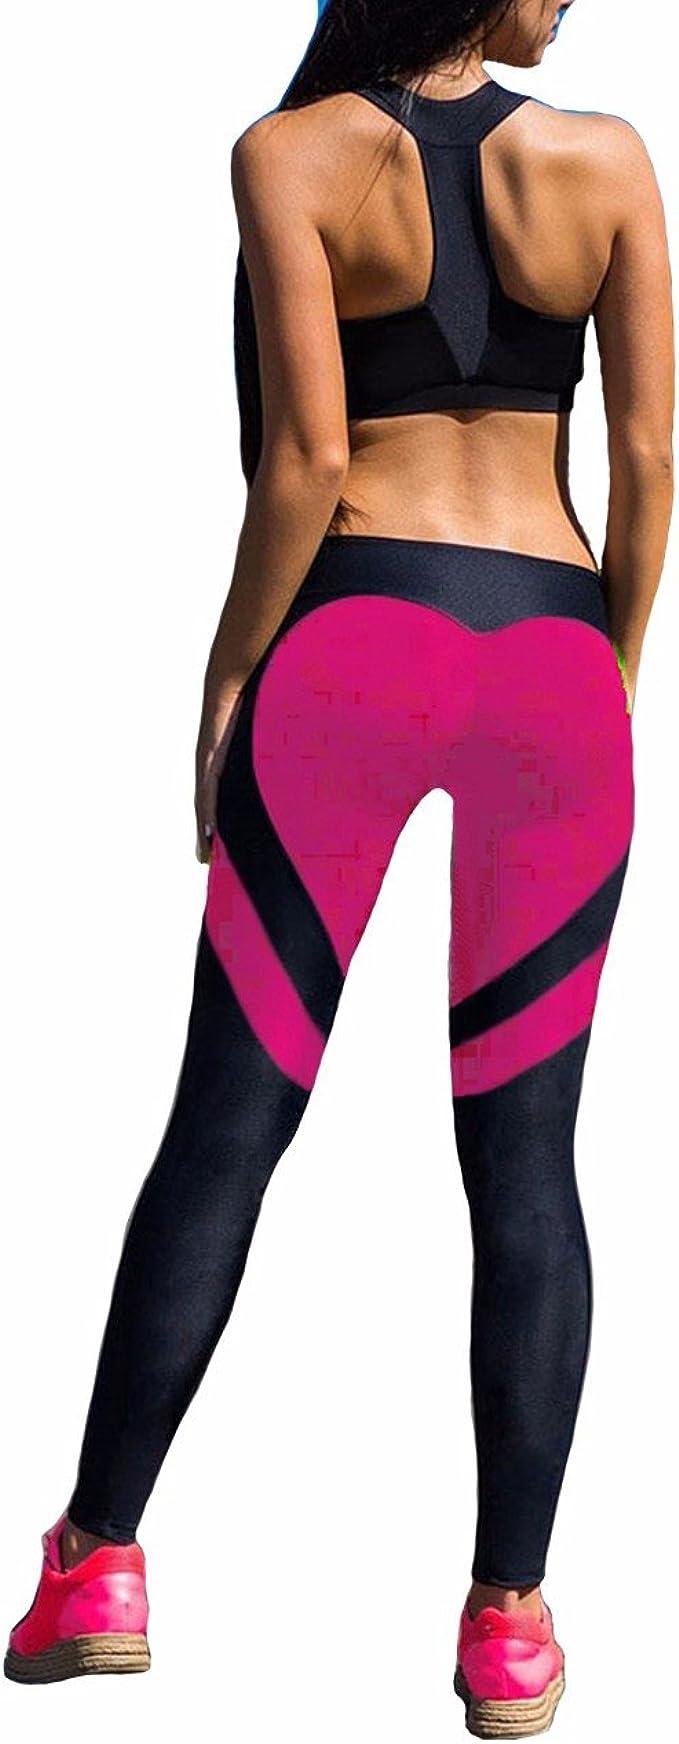 Amazon.com: Fittoo - Pantalones de yoga con forma de corazón ...